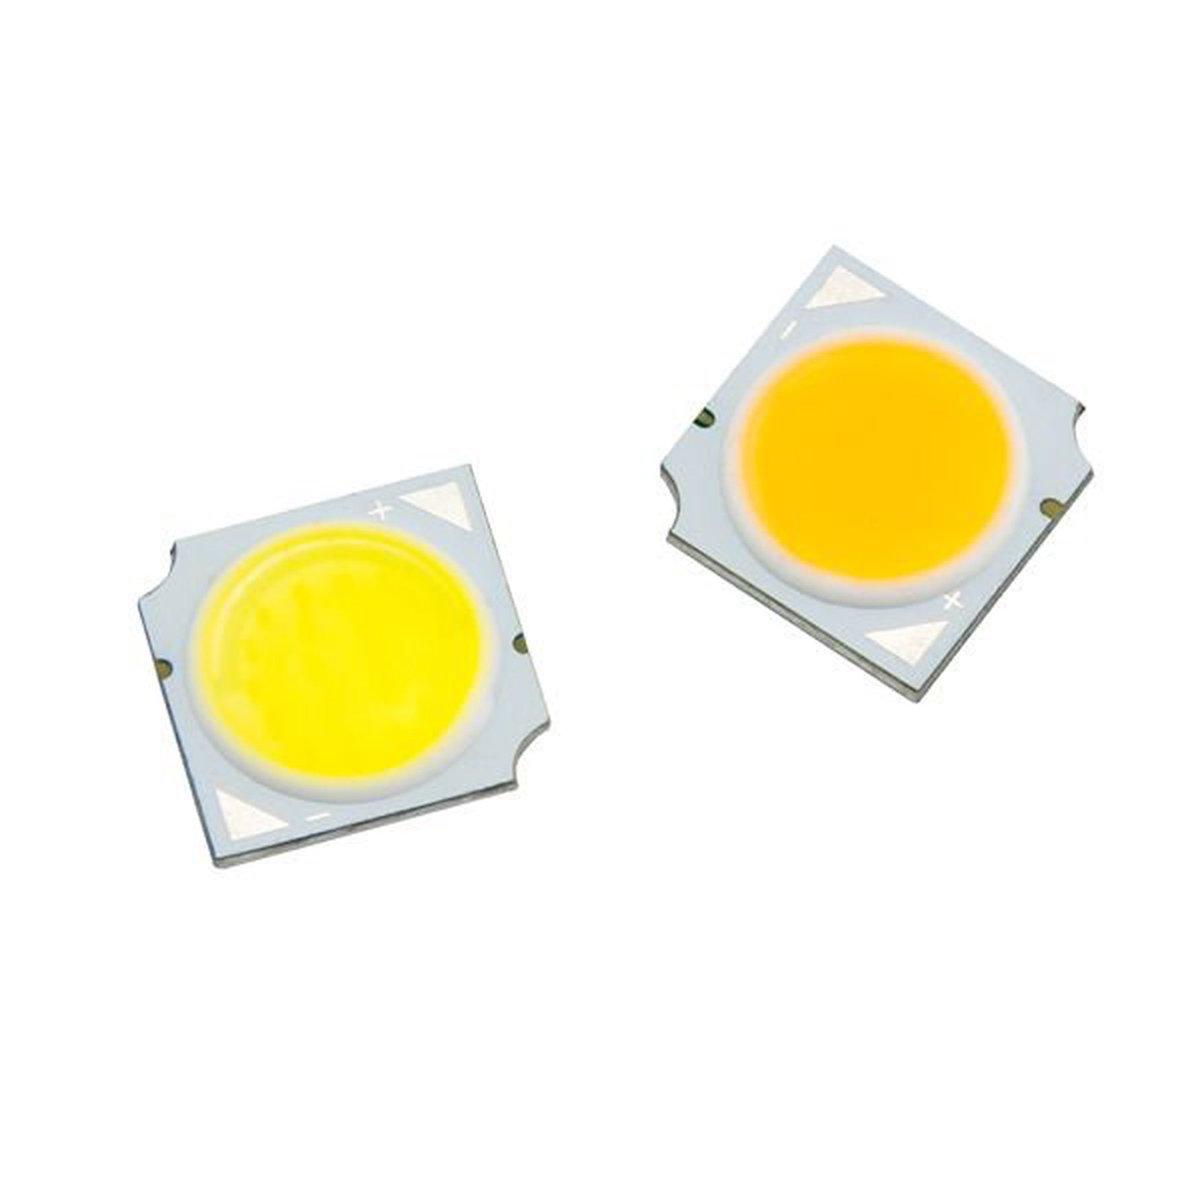 نصائح تصميم الإنارة Ar Twitter لون طبقة الفسفور التي تغطي شريحة ليد Led ونوعها يحدد لون الضوء الابيض اذا كانت طبقة الفسفور برتقالية كان الضوء اصفر كلما اقتربت من اللون الفسفوري كان